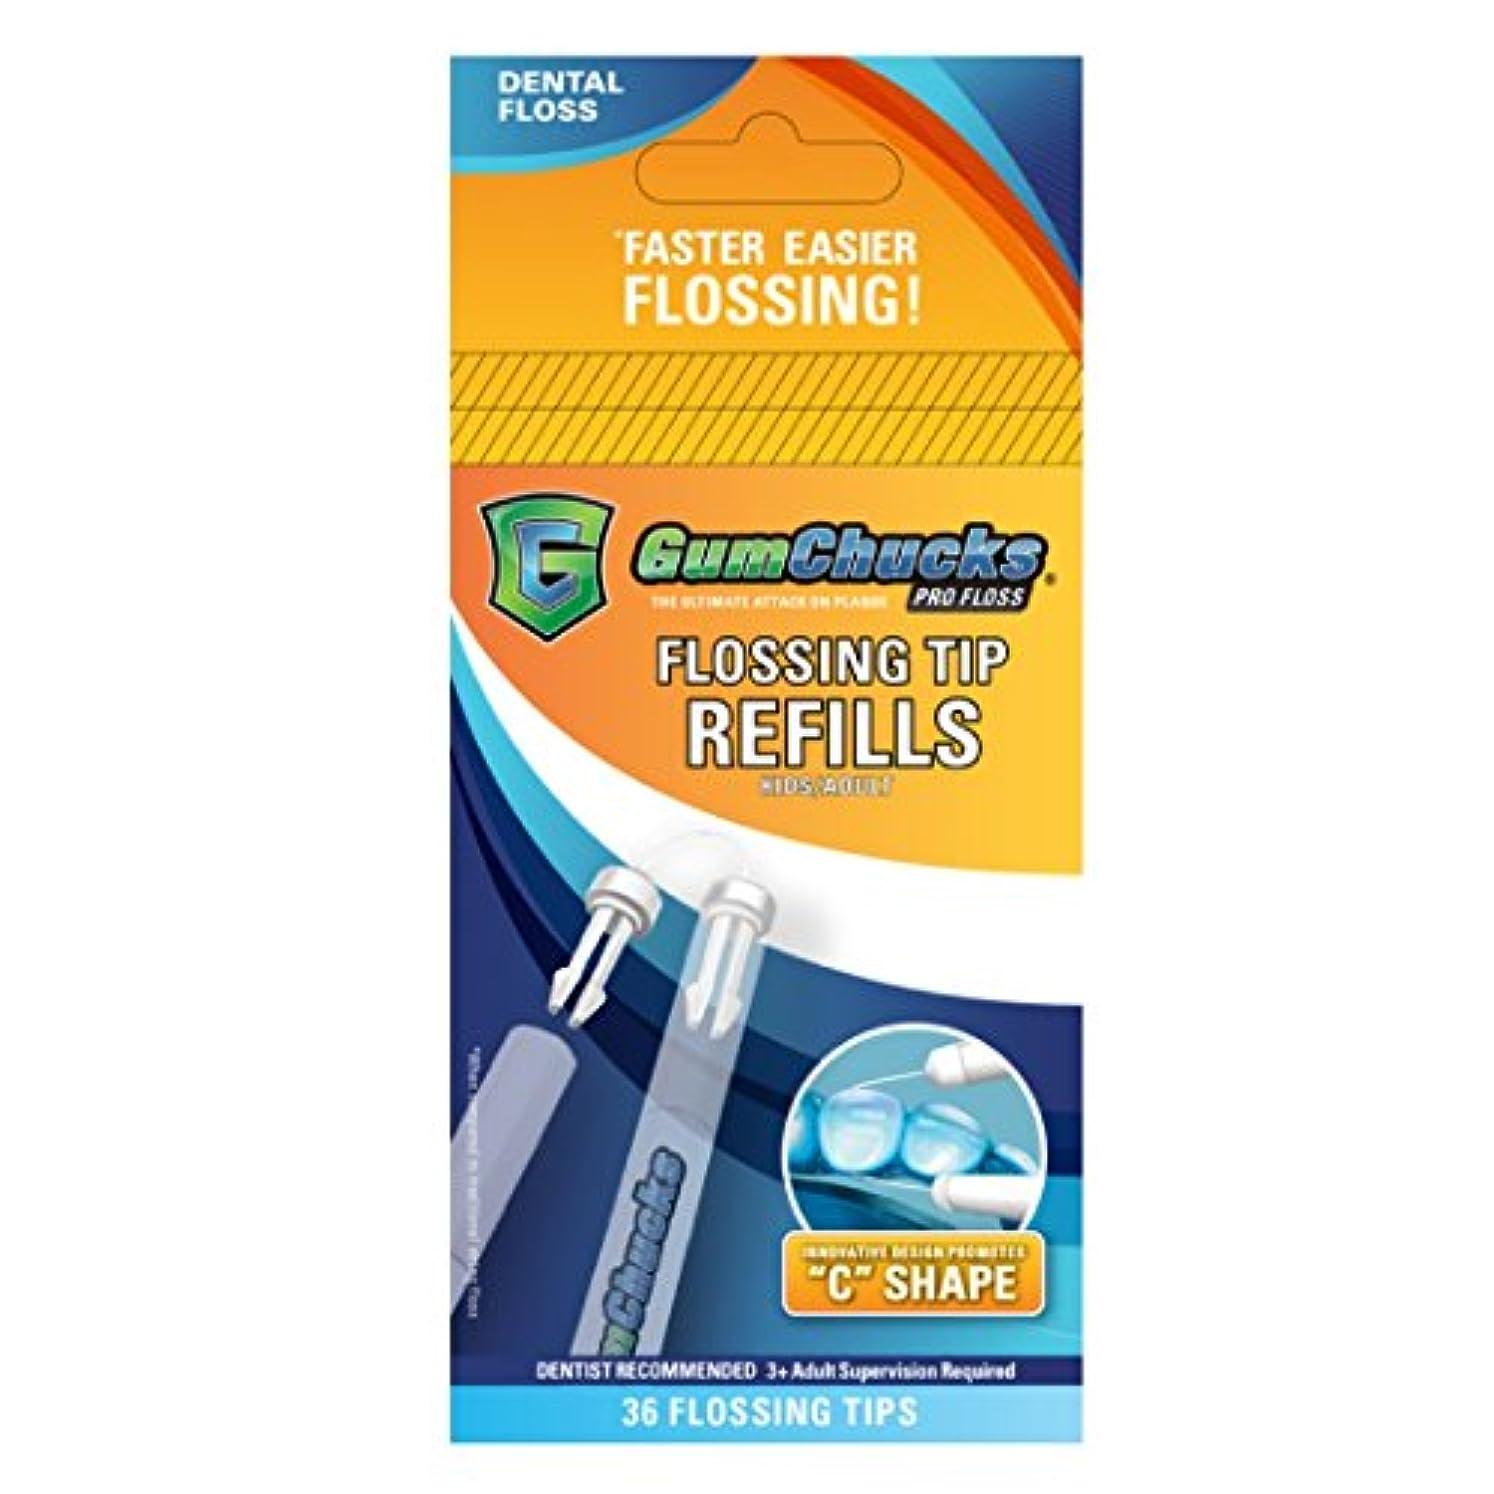 喉が渇いた悲鳴アナニバークロスフィールド ガムチャックス リフィルパック 36本入 × 1個 フロス/歯間清掃